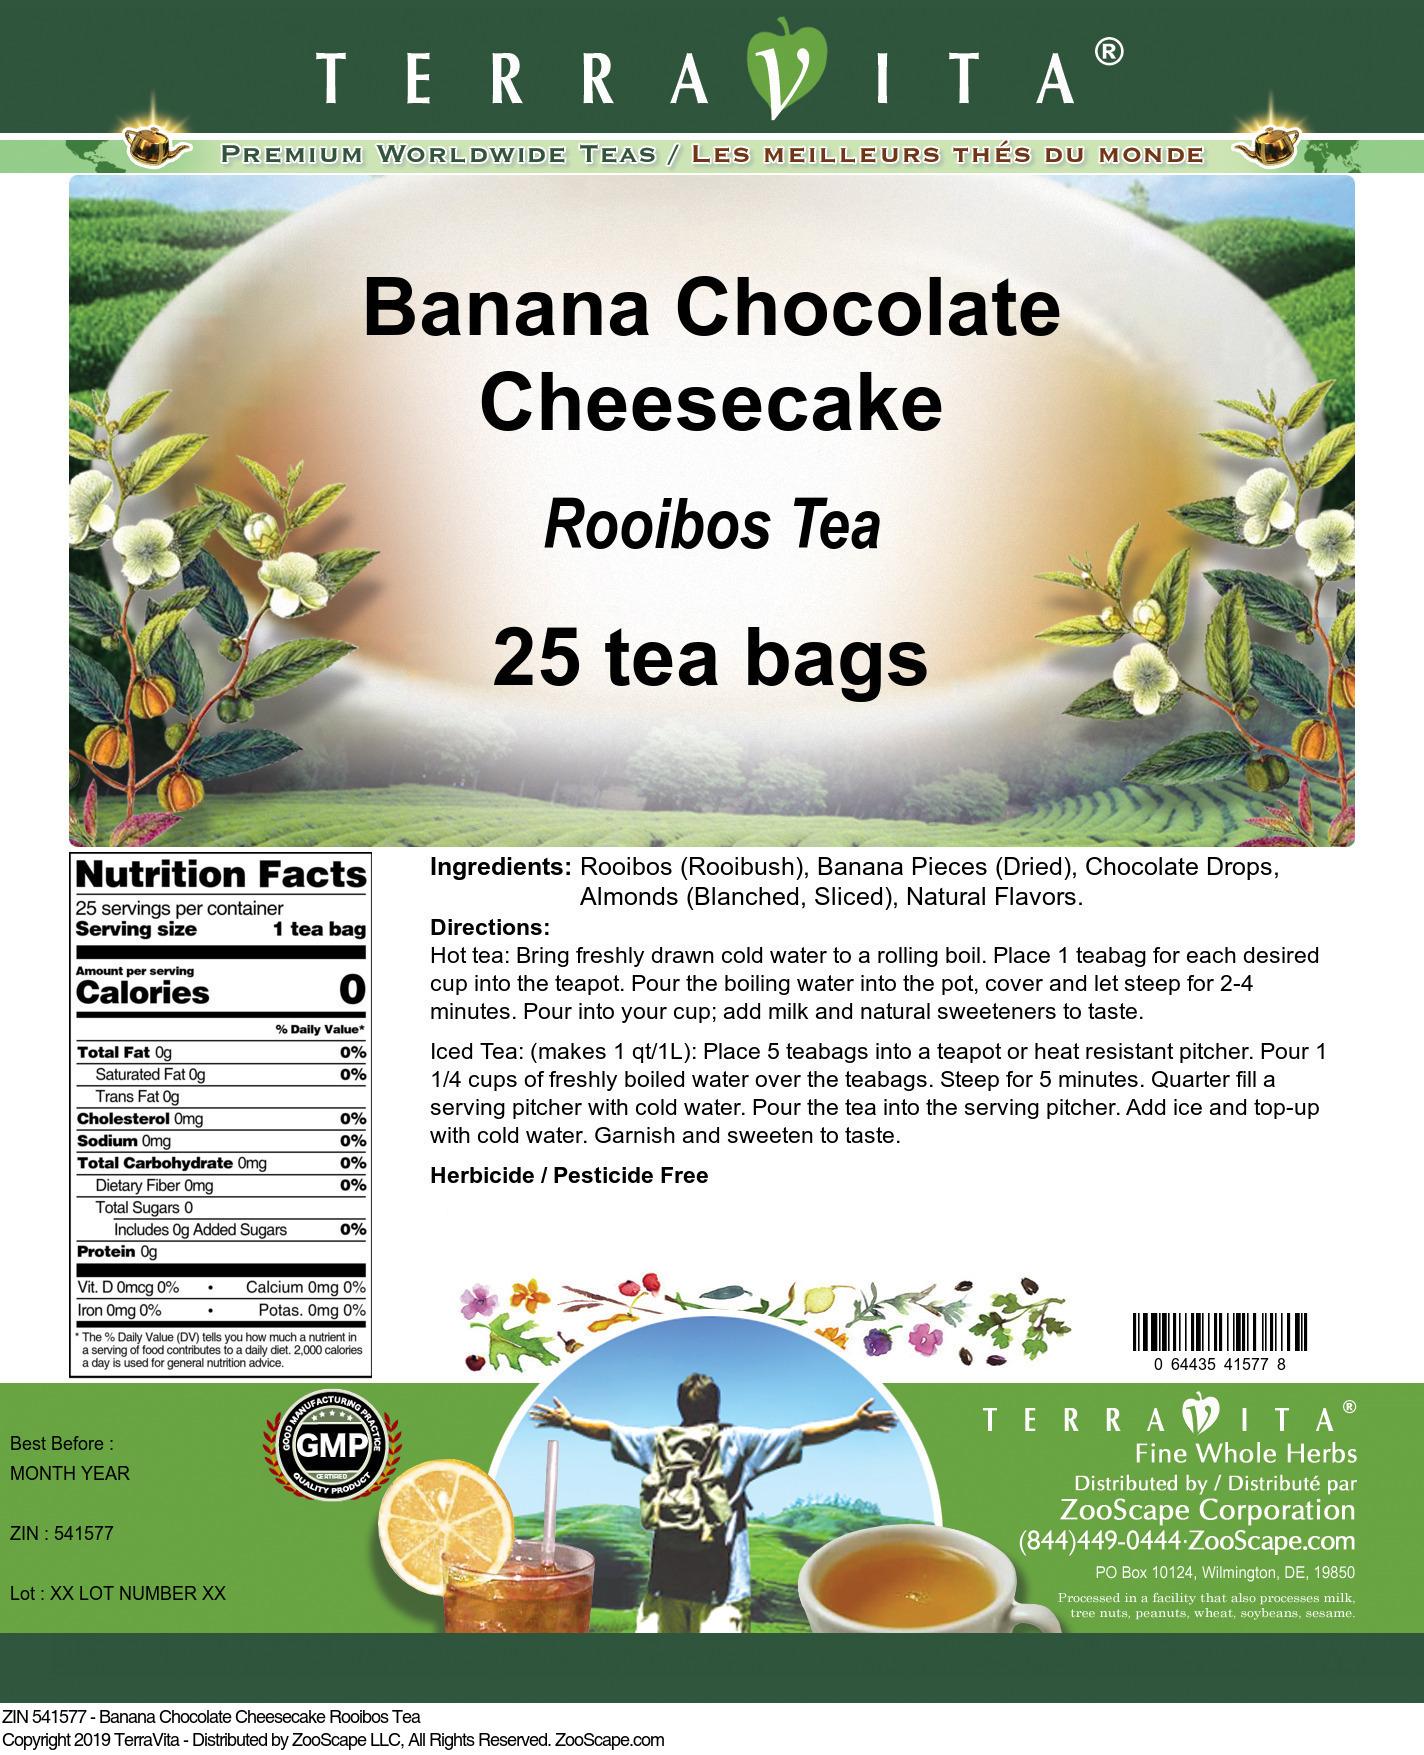 Banana Chocolate Cheesecake Rooibos Tea